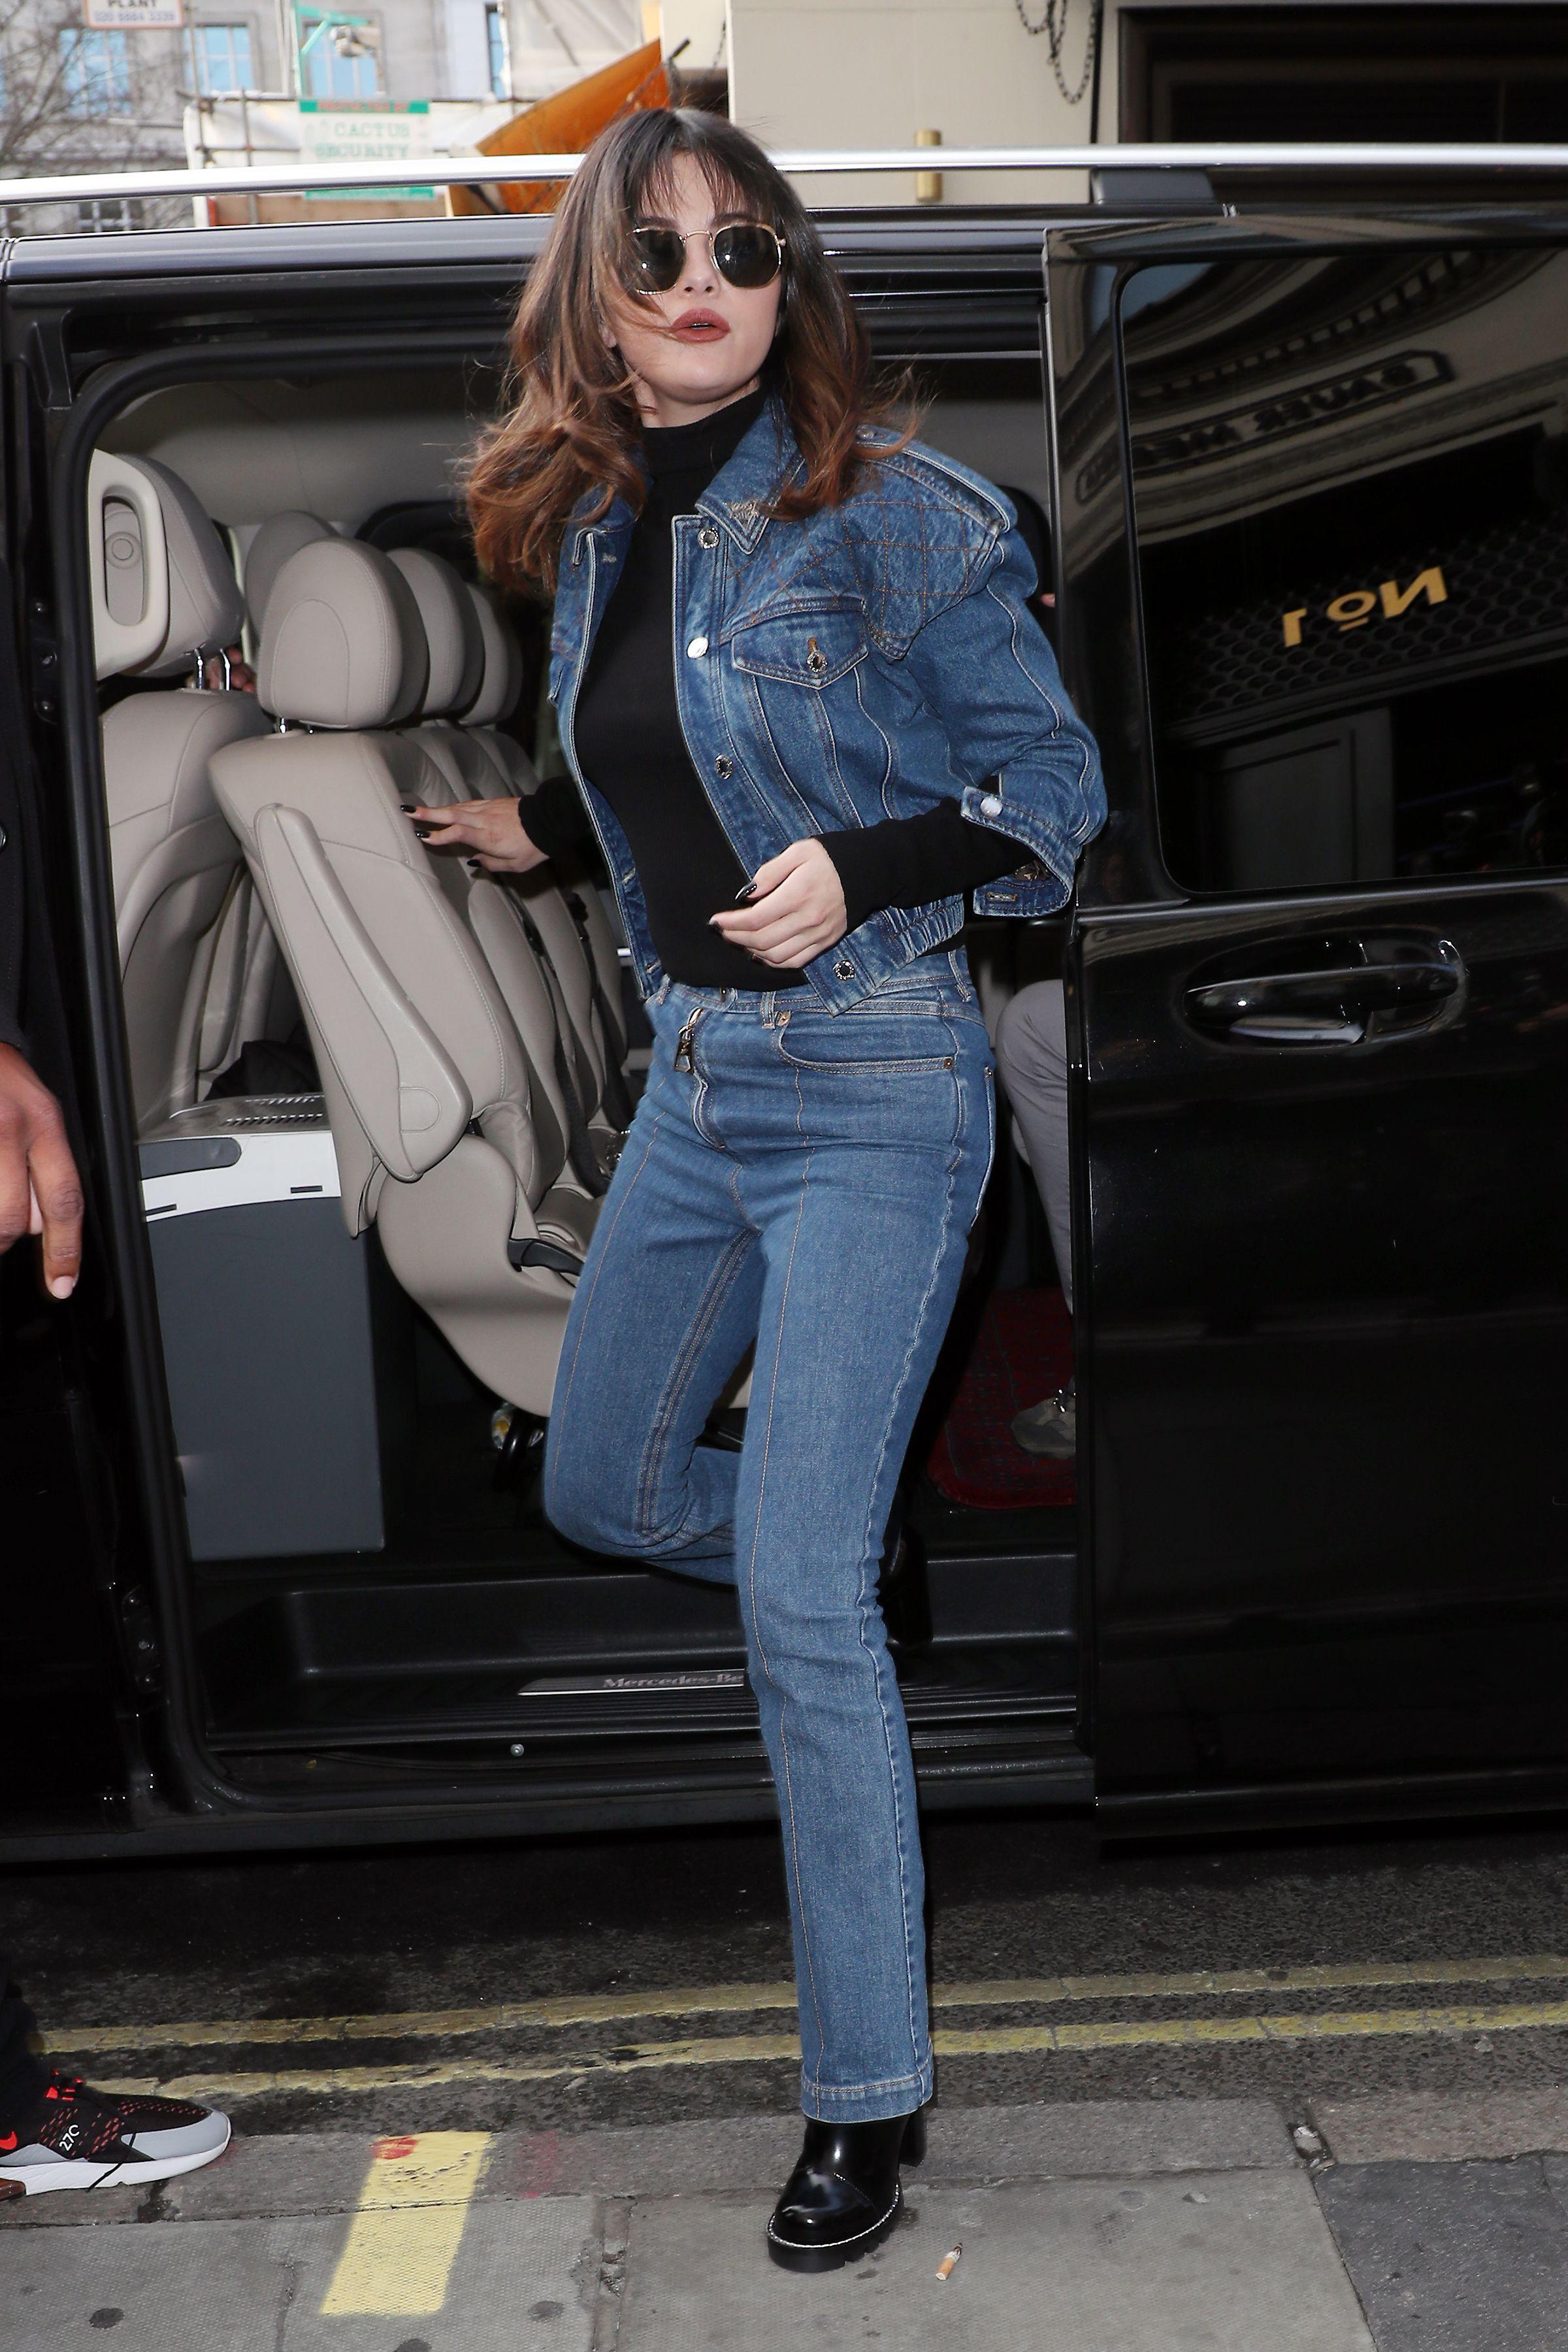 Selena Gomez Style Pictures - Fashion Photos of Selena Gomez